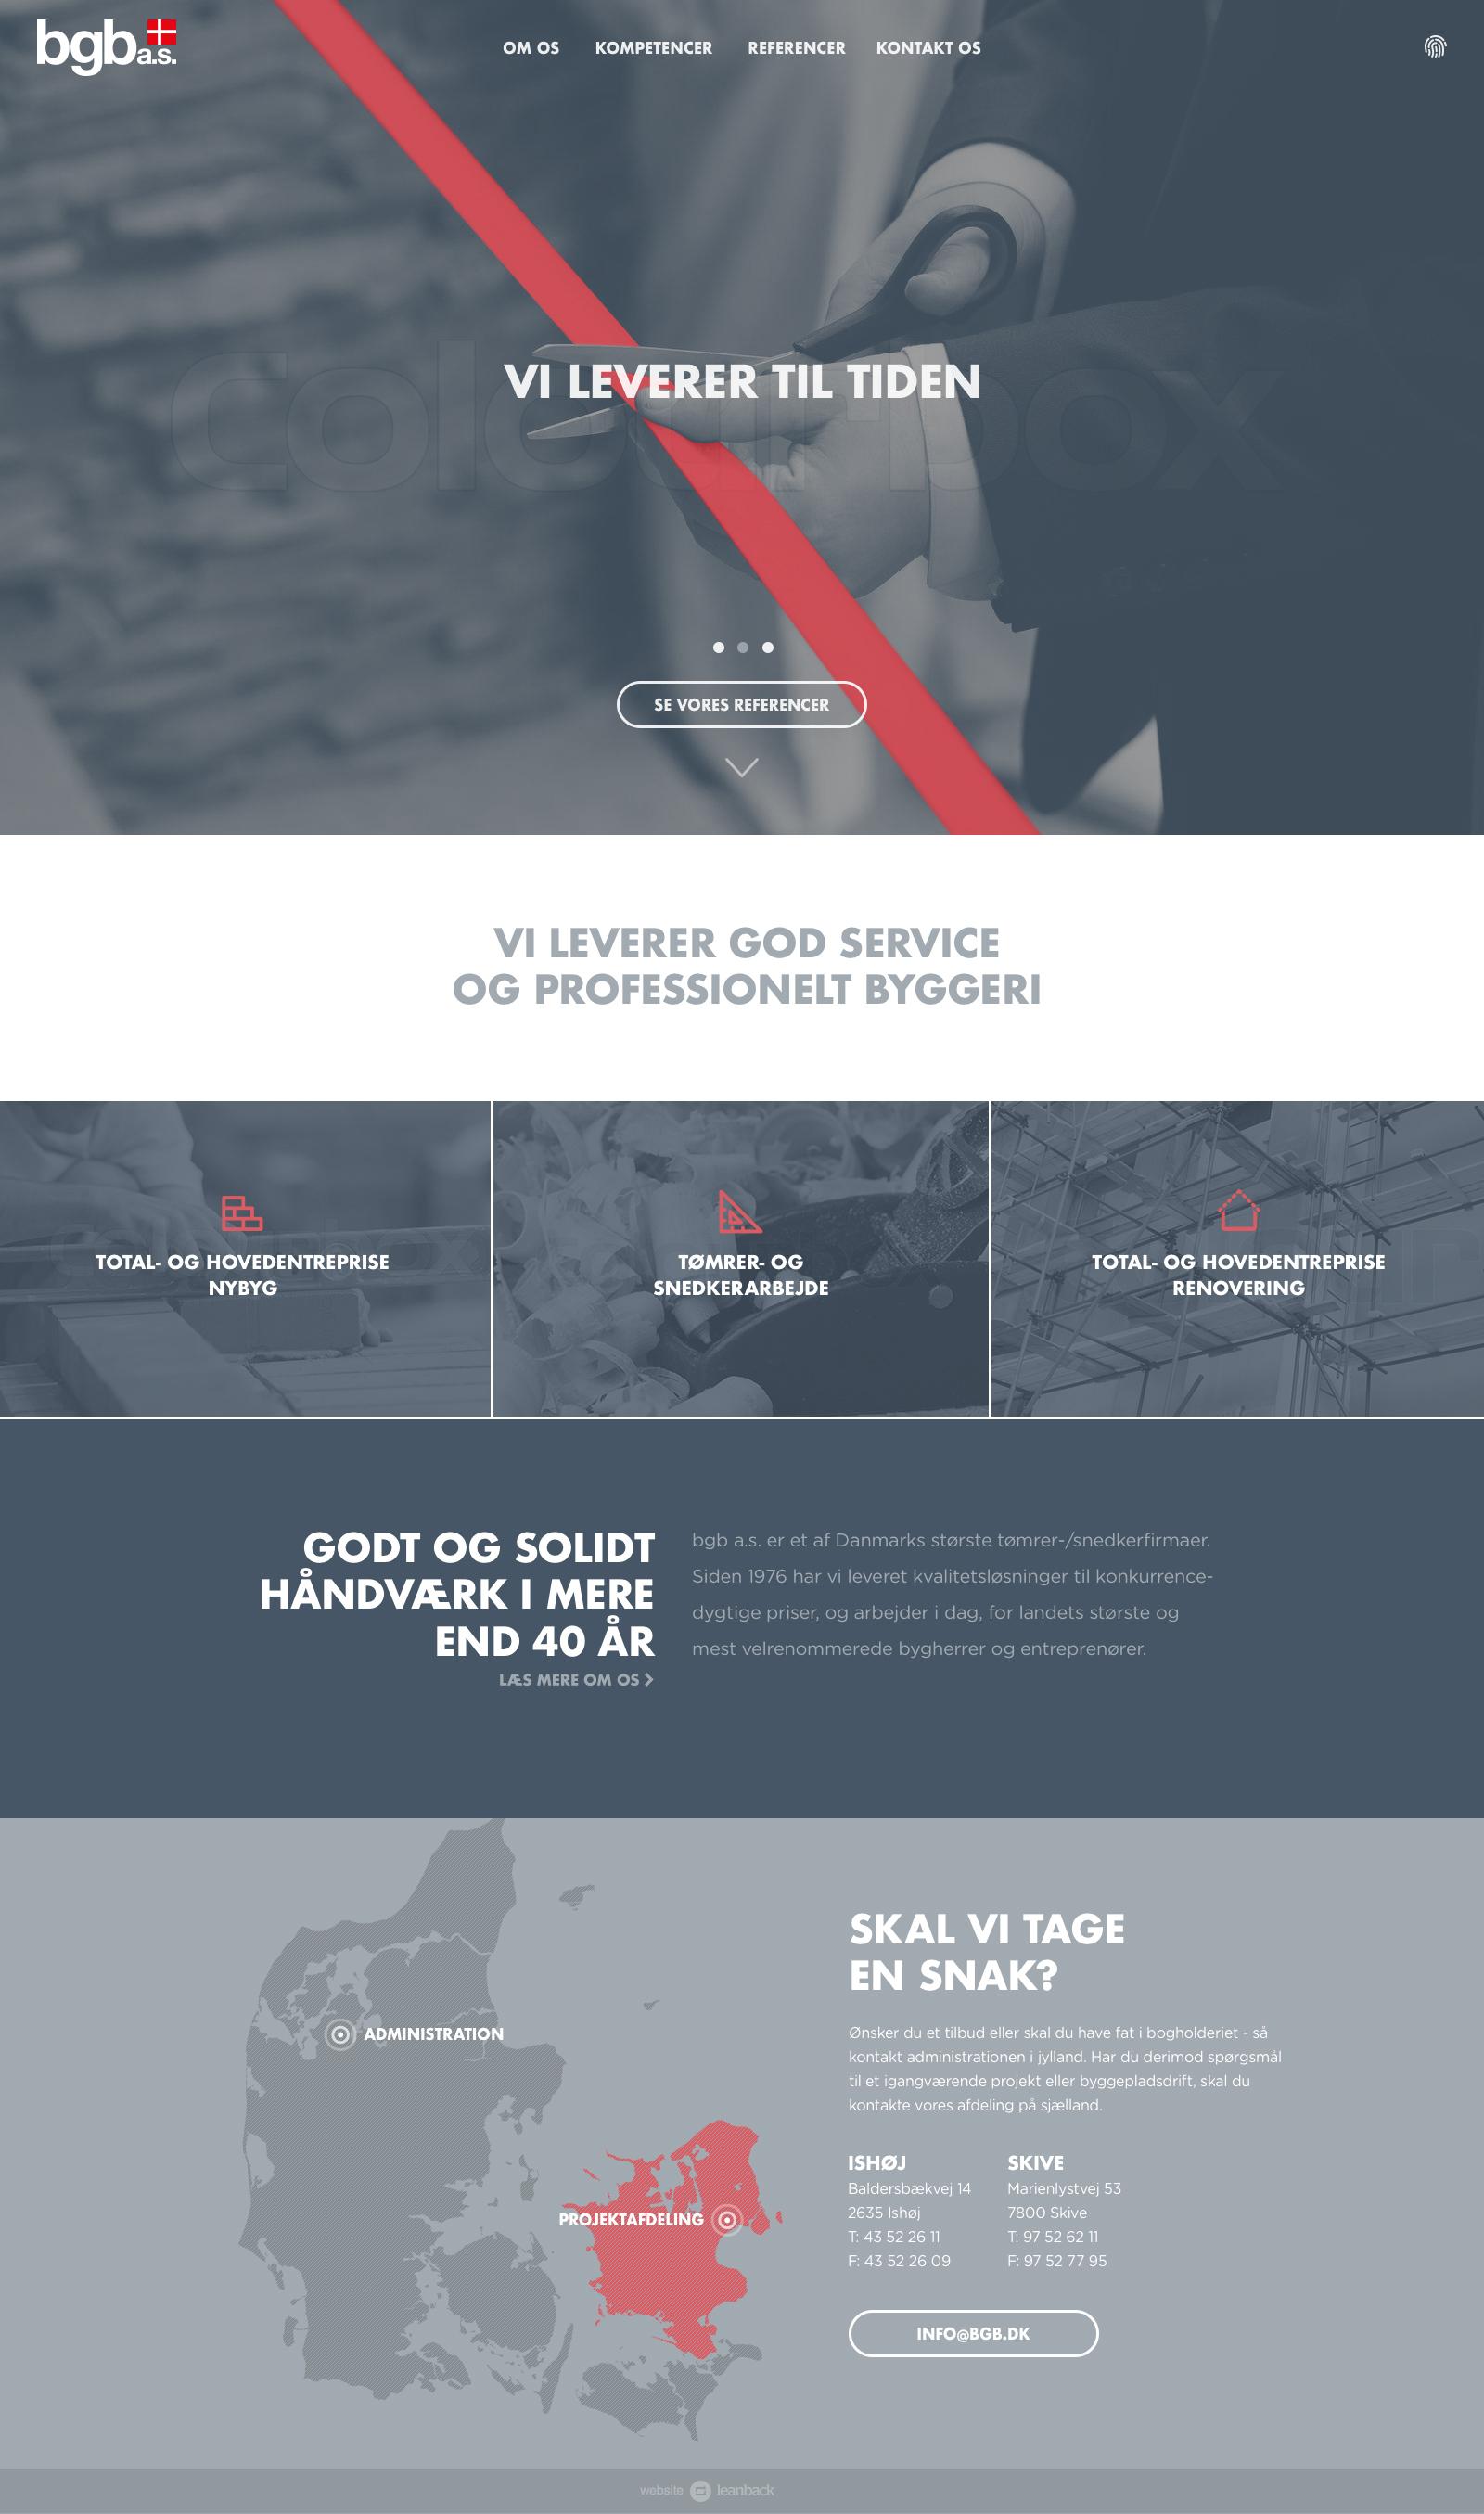 Billede der viser design på forsiden af BGB's nye hjemmeside